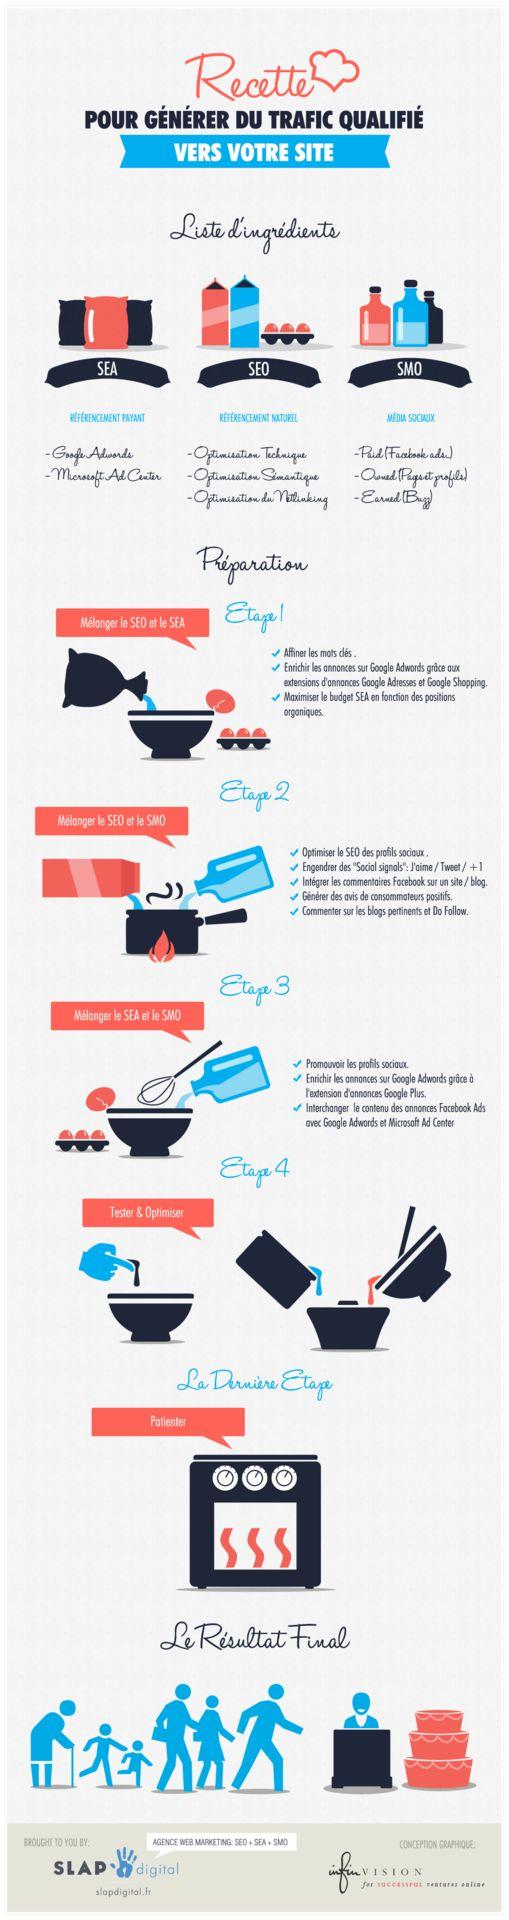 Recette pour du trafic qualifié: SEA + SEO + SMO via Slapdigital  http://erdelcroix.tumblr.com/post/24095501518/recette-pour-du-trafic-qualifie-sea-seo-smo